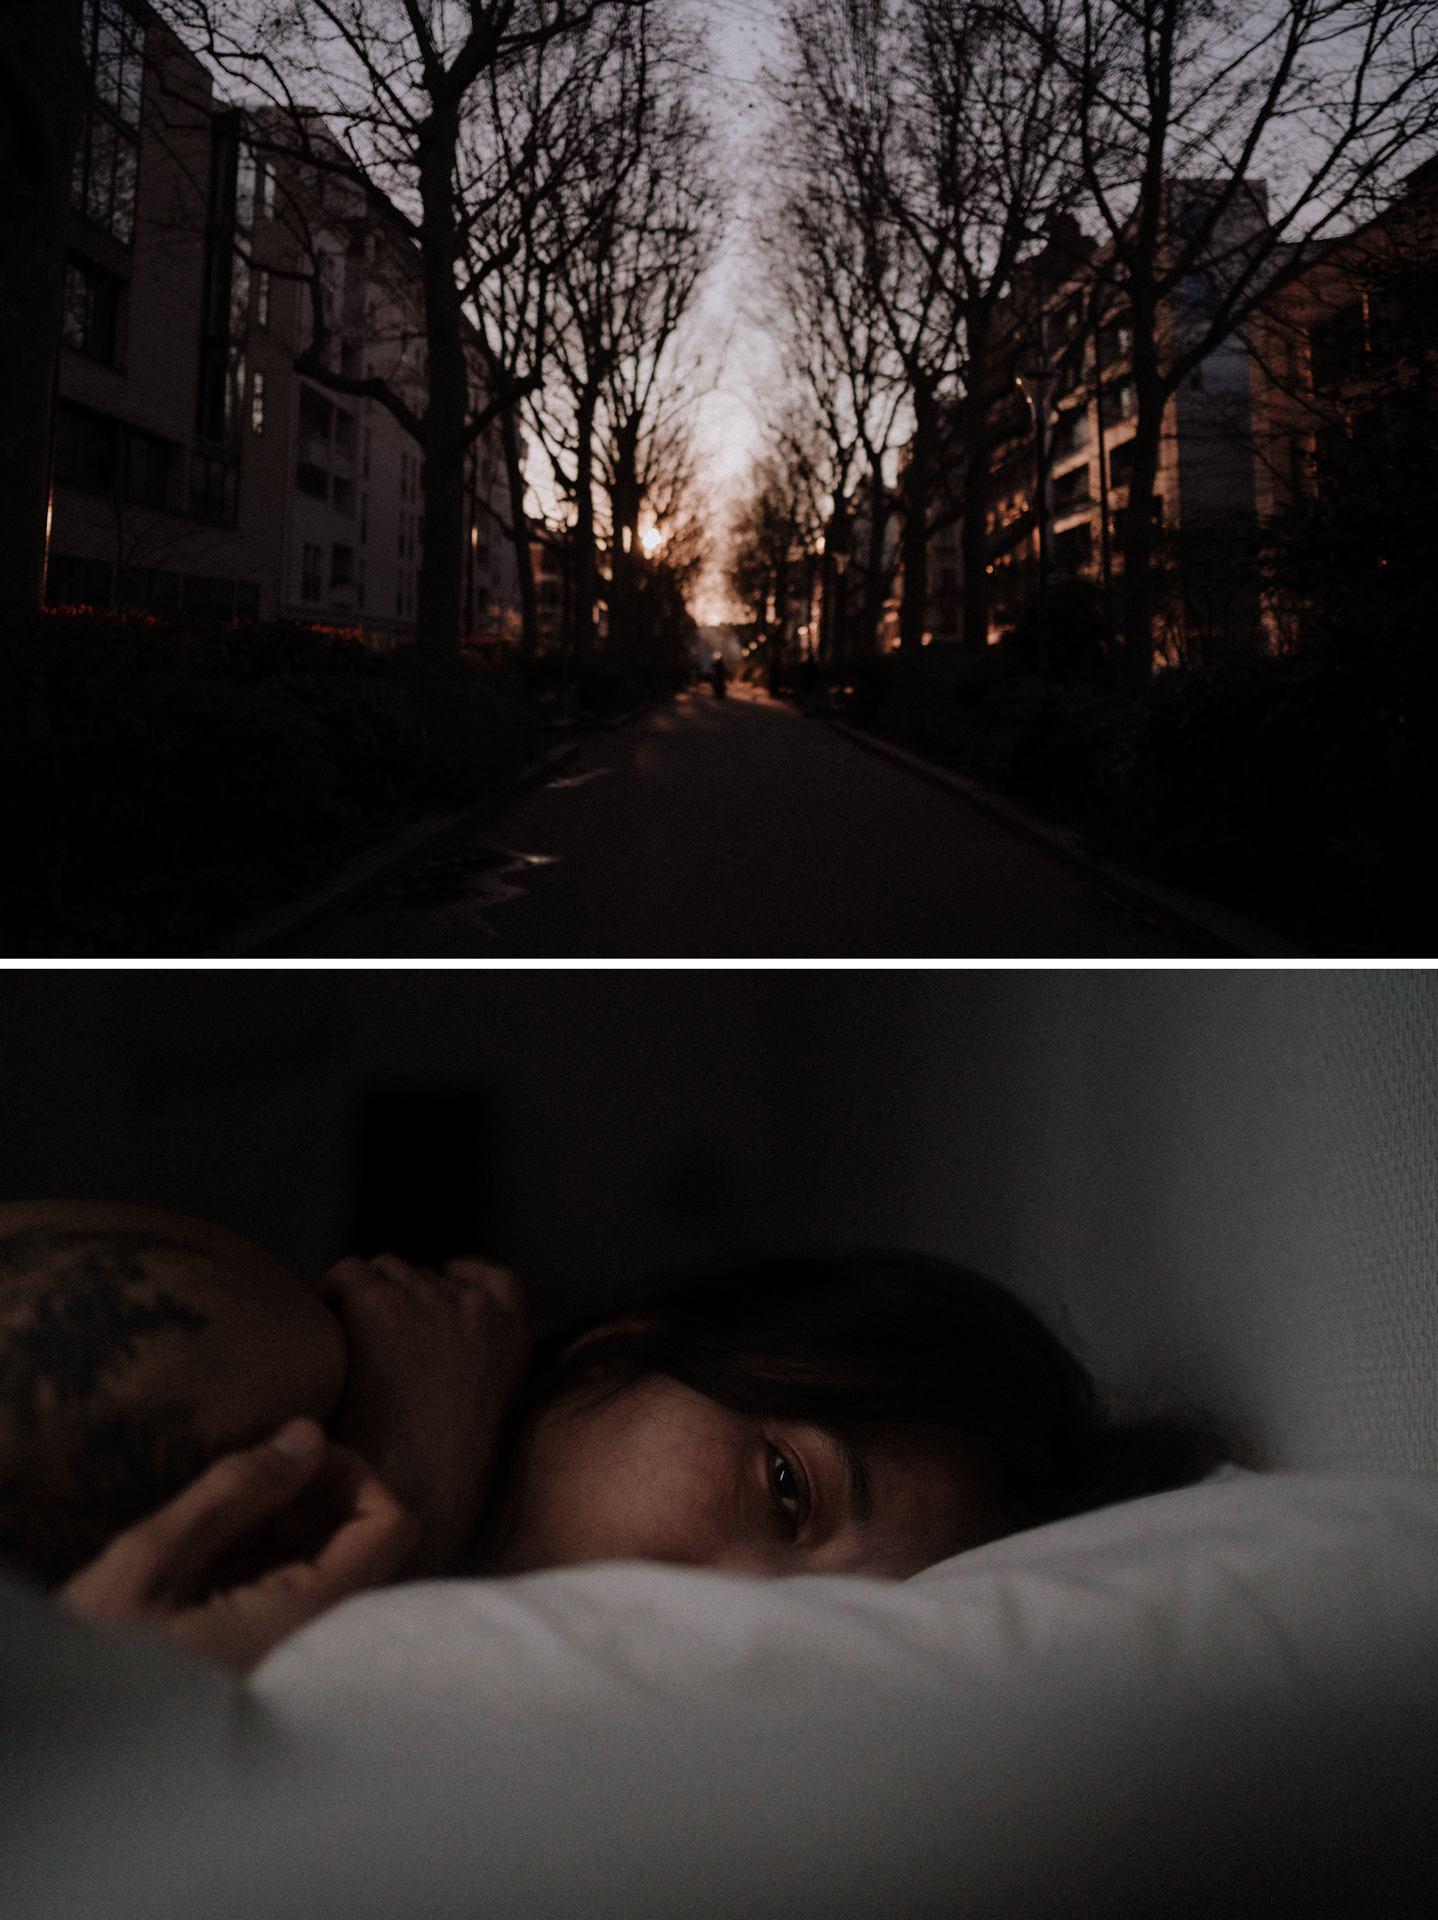 likabanshoya-poetic-photography-diptyque-1.jpg